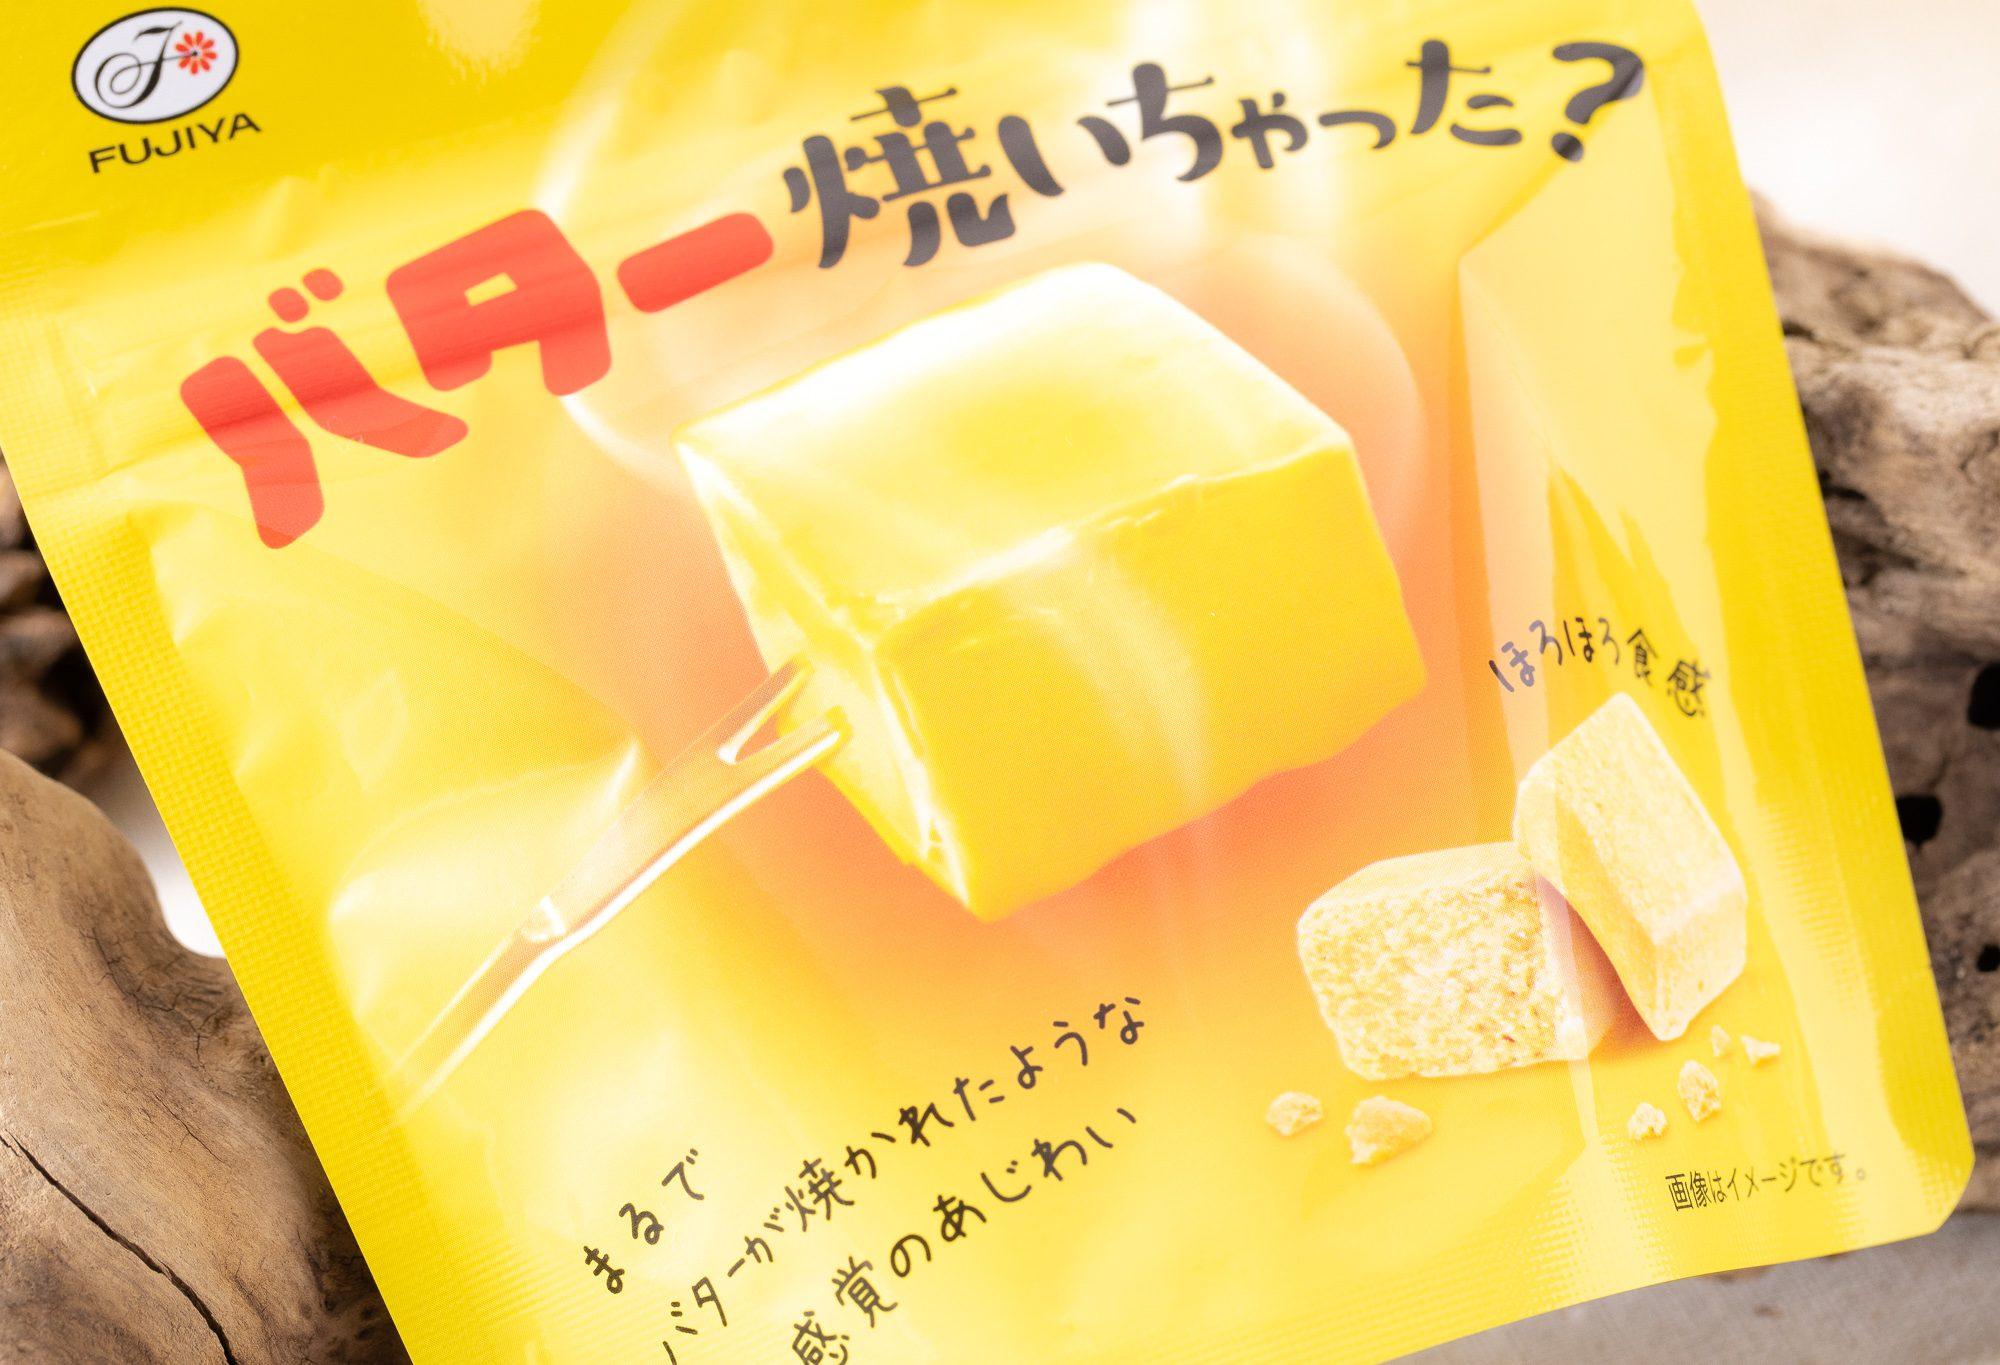 不二家『バター焼いちゃった?』実食レビュー!ふわっと香るバターの風味にミルクのコクを感じるサクホロクッキー◎